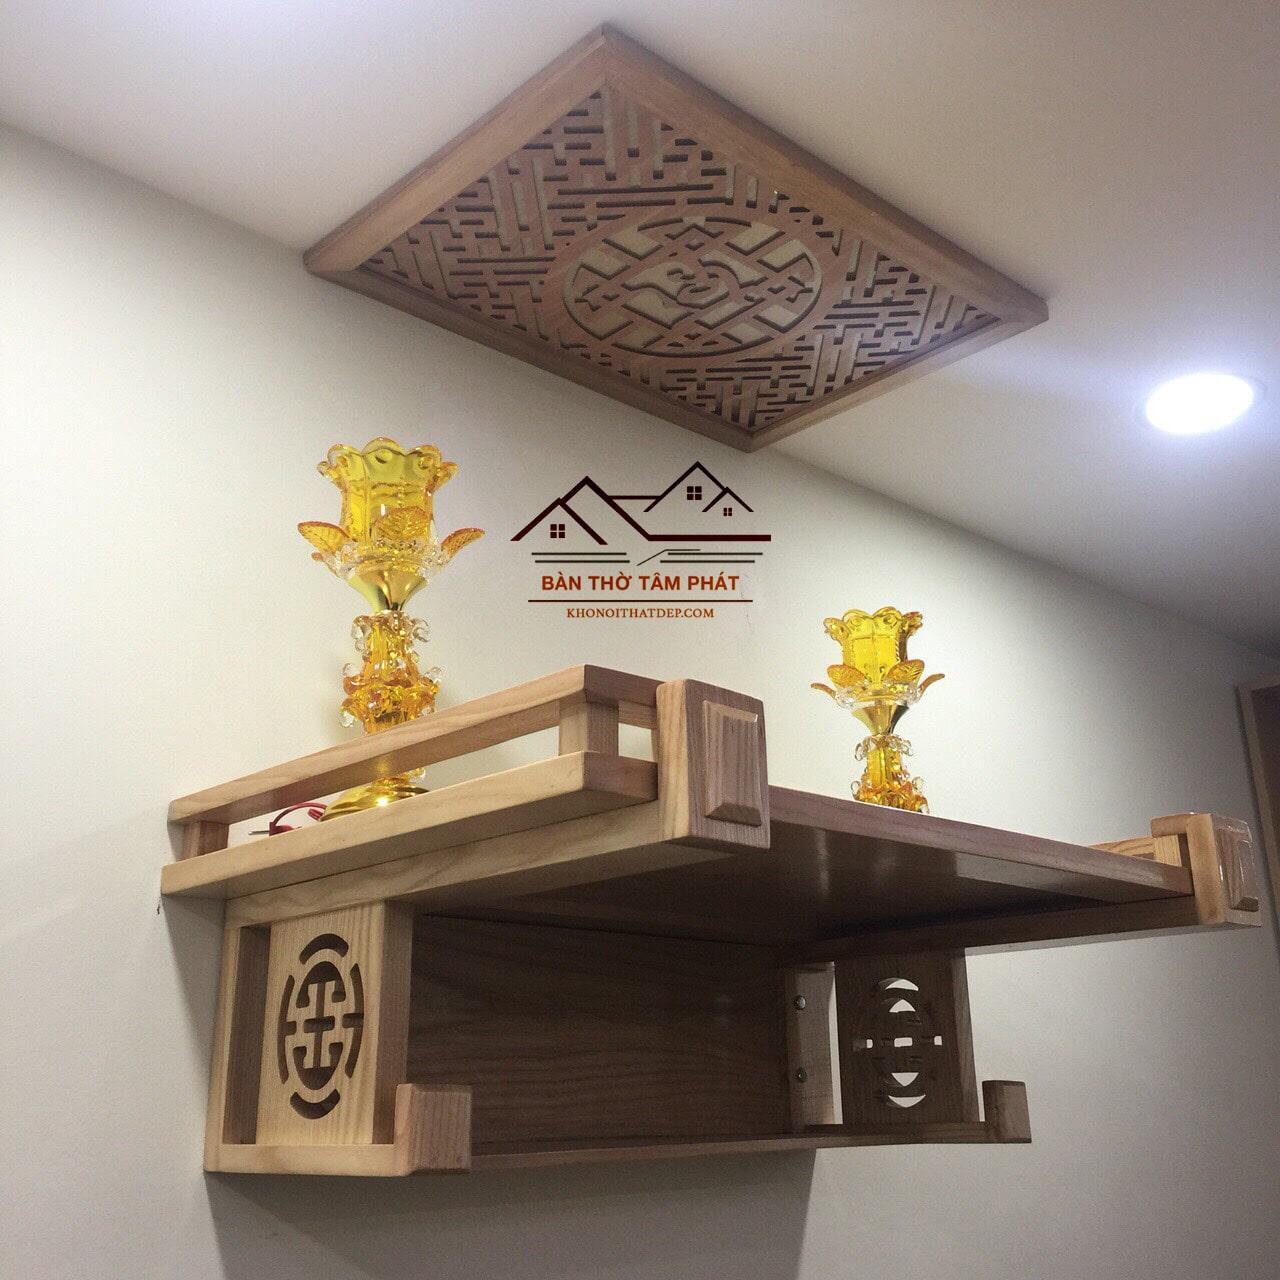 Những mẫu bàn thờ với thiết kế sang trọng với phần ngăn phía dưới giúp người dùng có nhiều không gian sử dụng